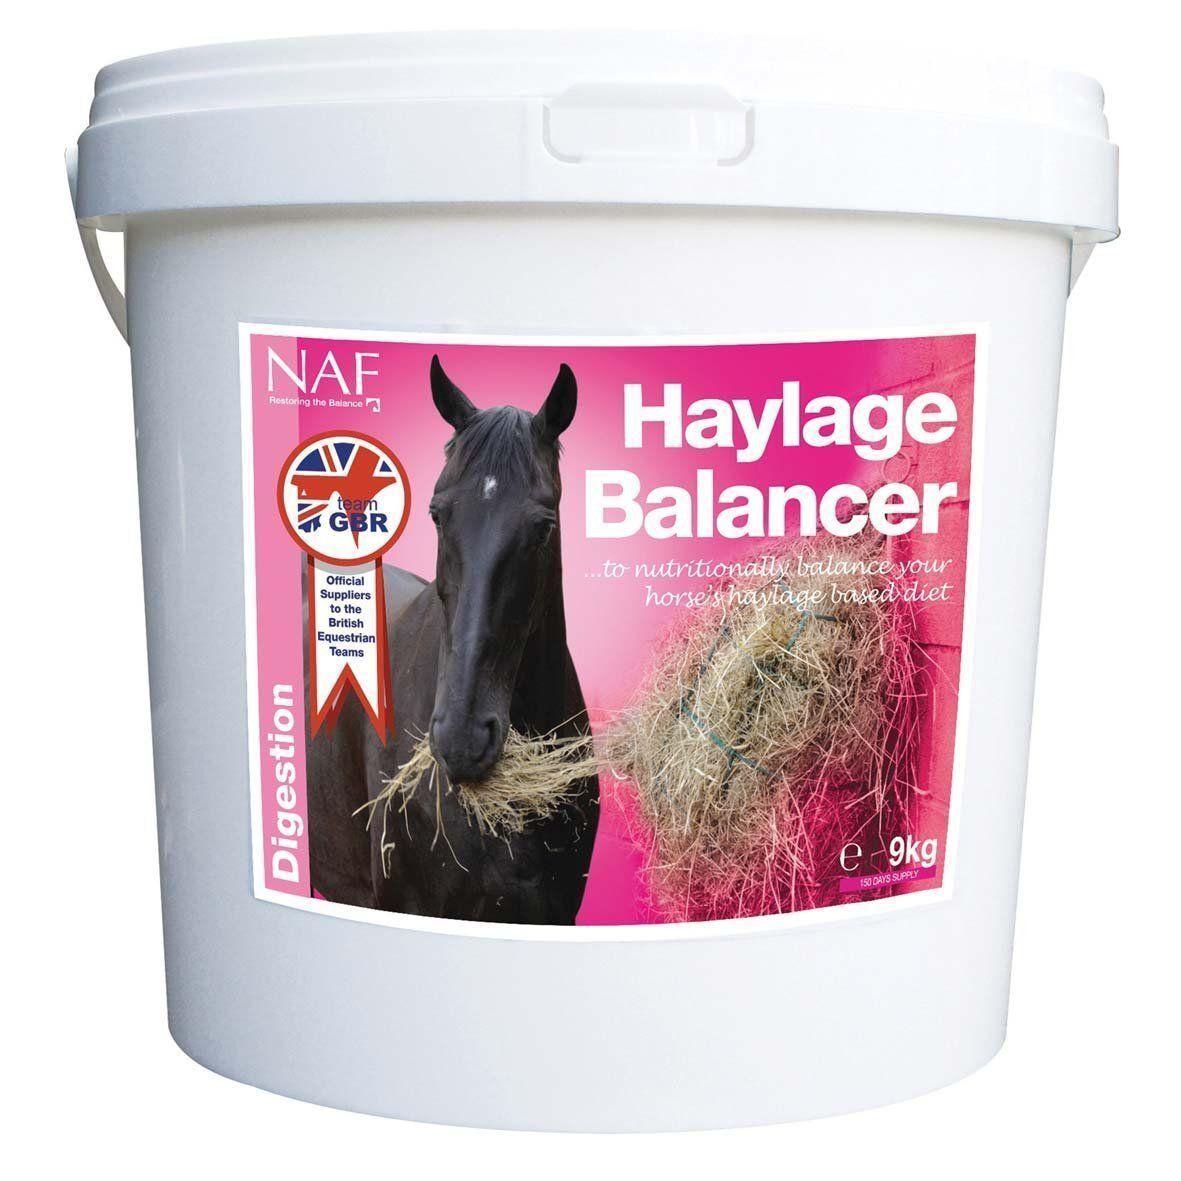 NAF Haylage Balancer 9kg - FREE Shipping